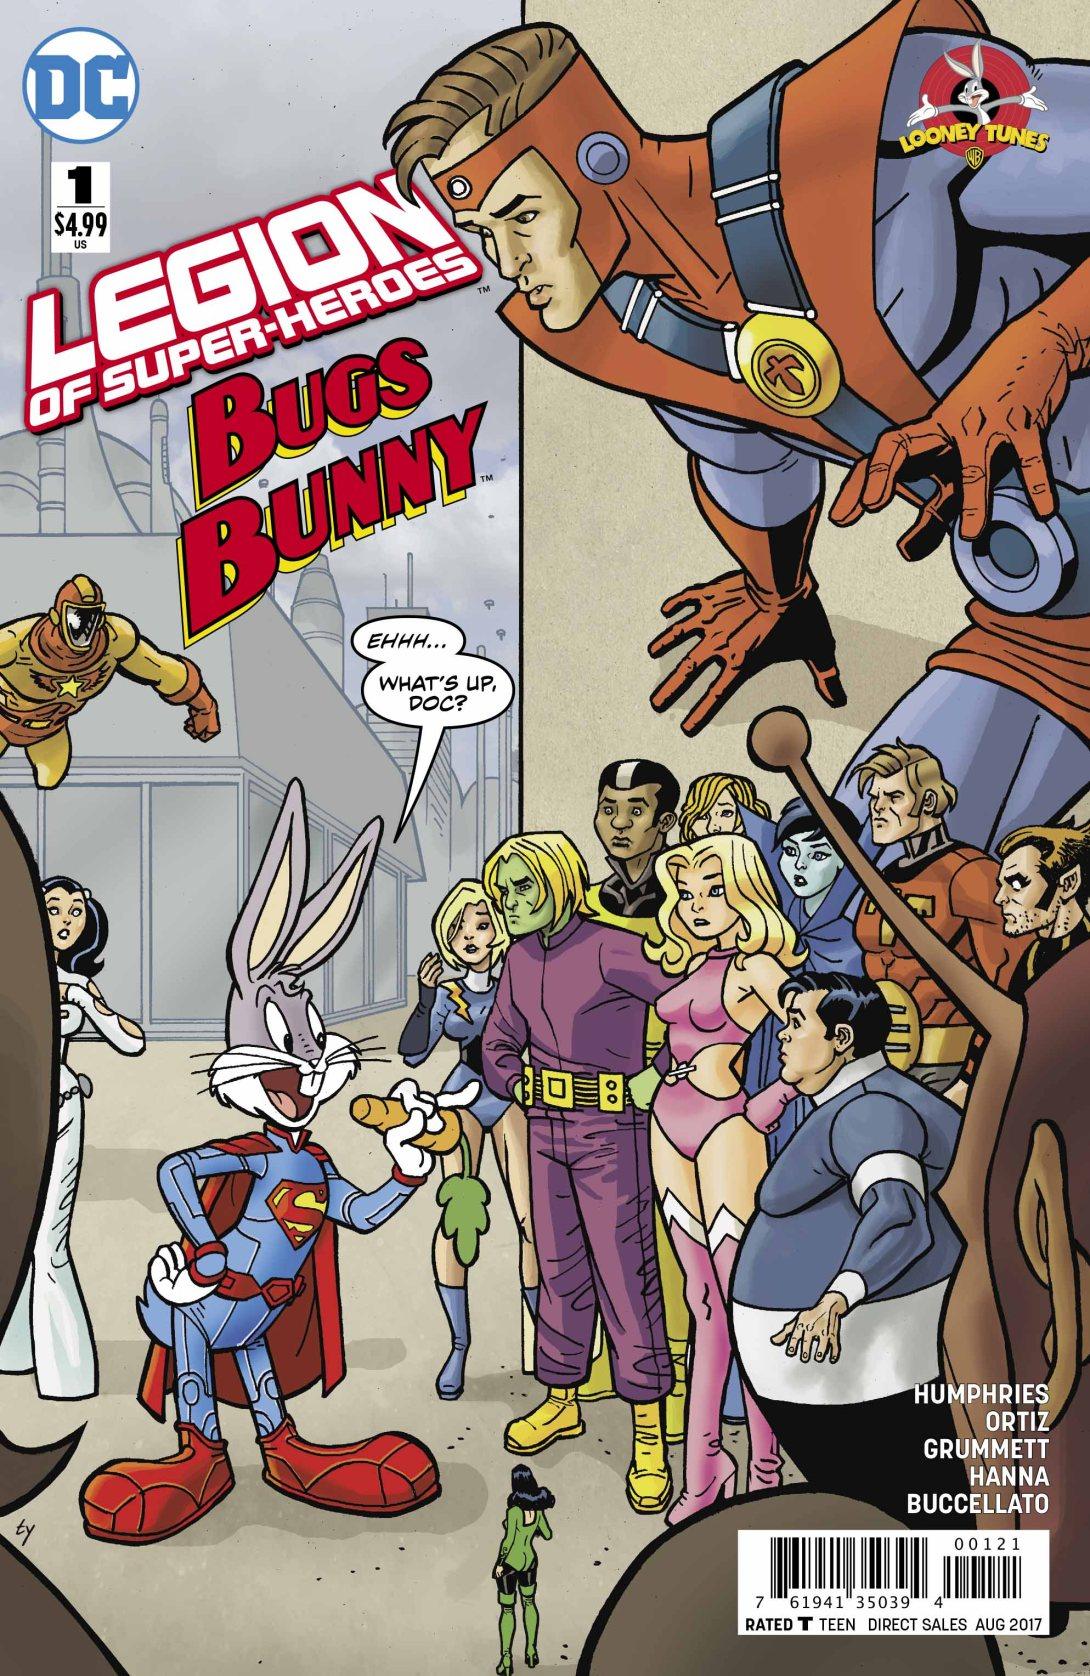 Legion of Super-heroes Bugs Bunny - DC Comics News